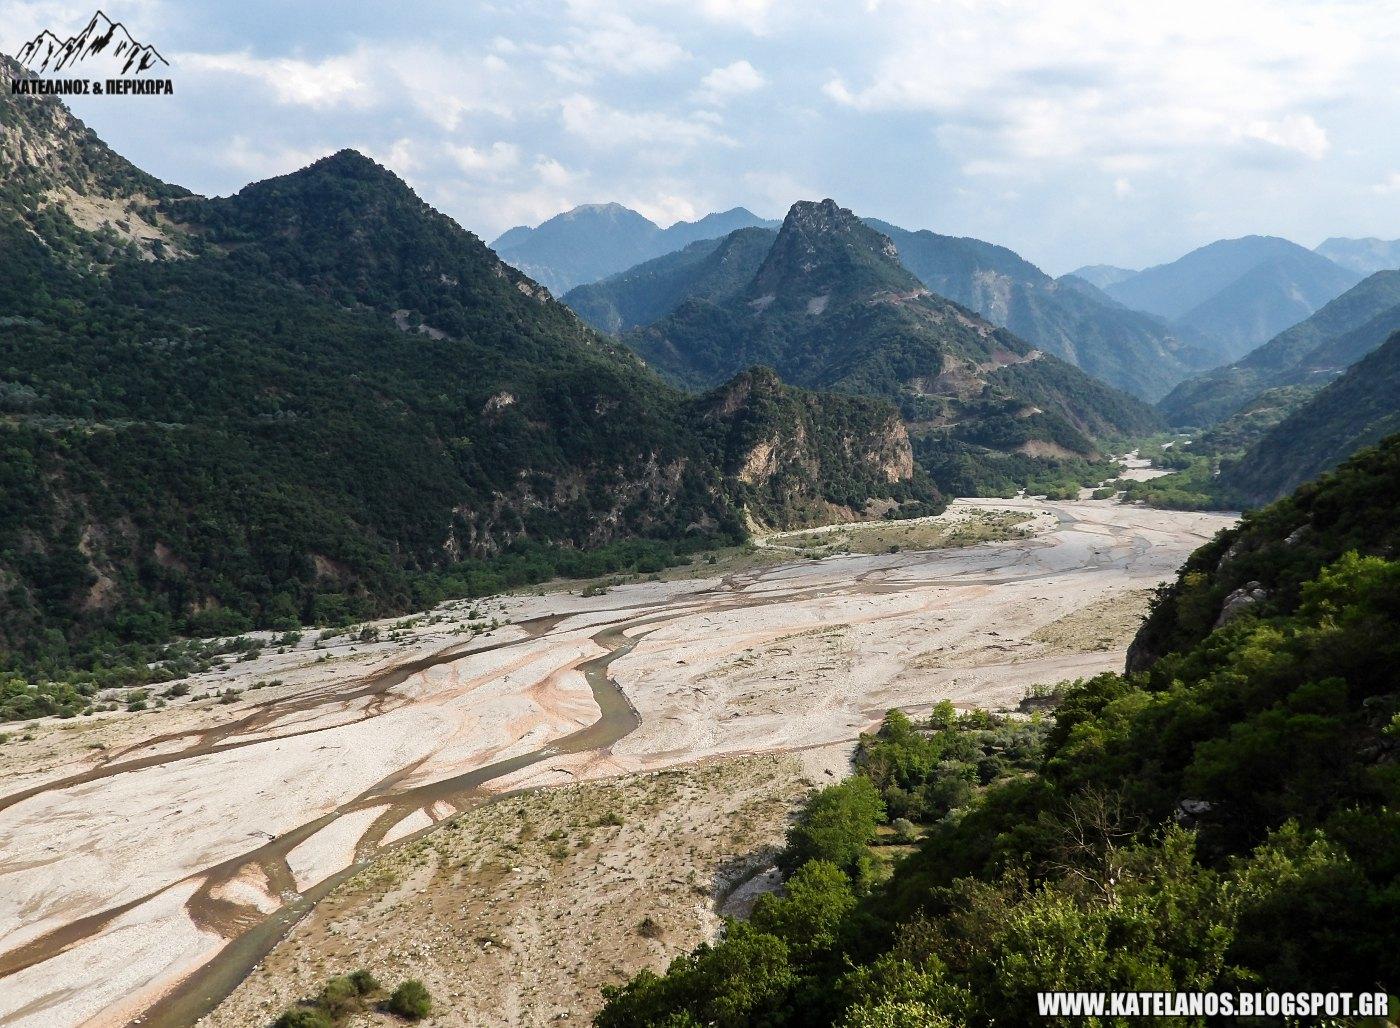 αγαλιανός ποταμός ευρυτανία τρικεριώτης κοιλάδα